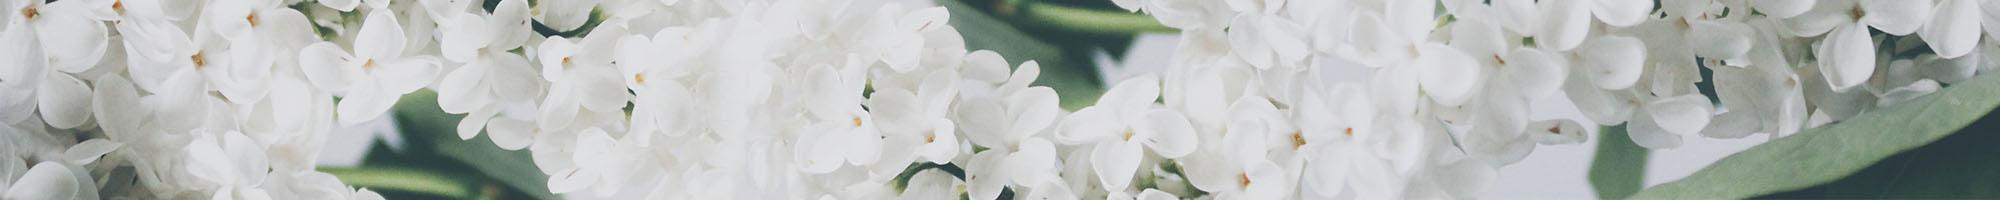 novosti-iz-svijeta-cvijeca